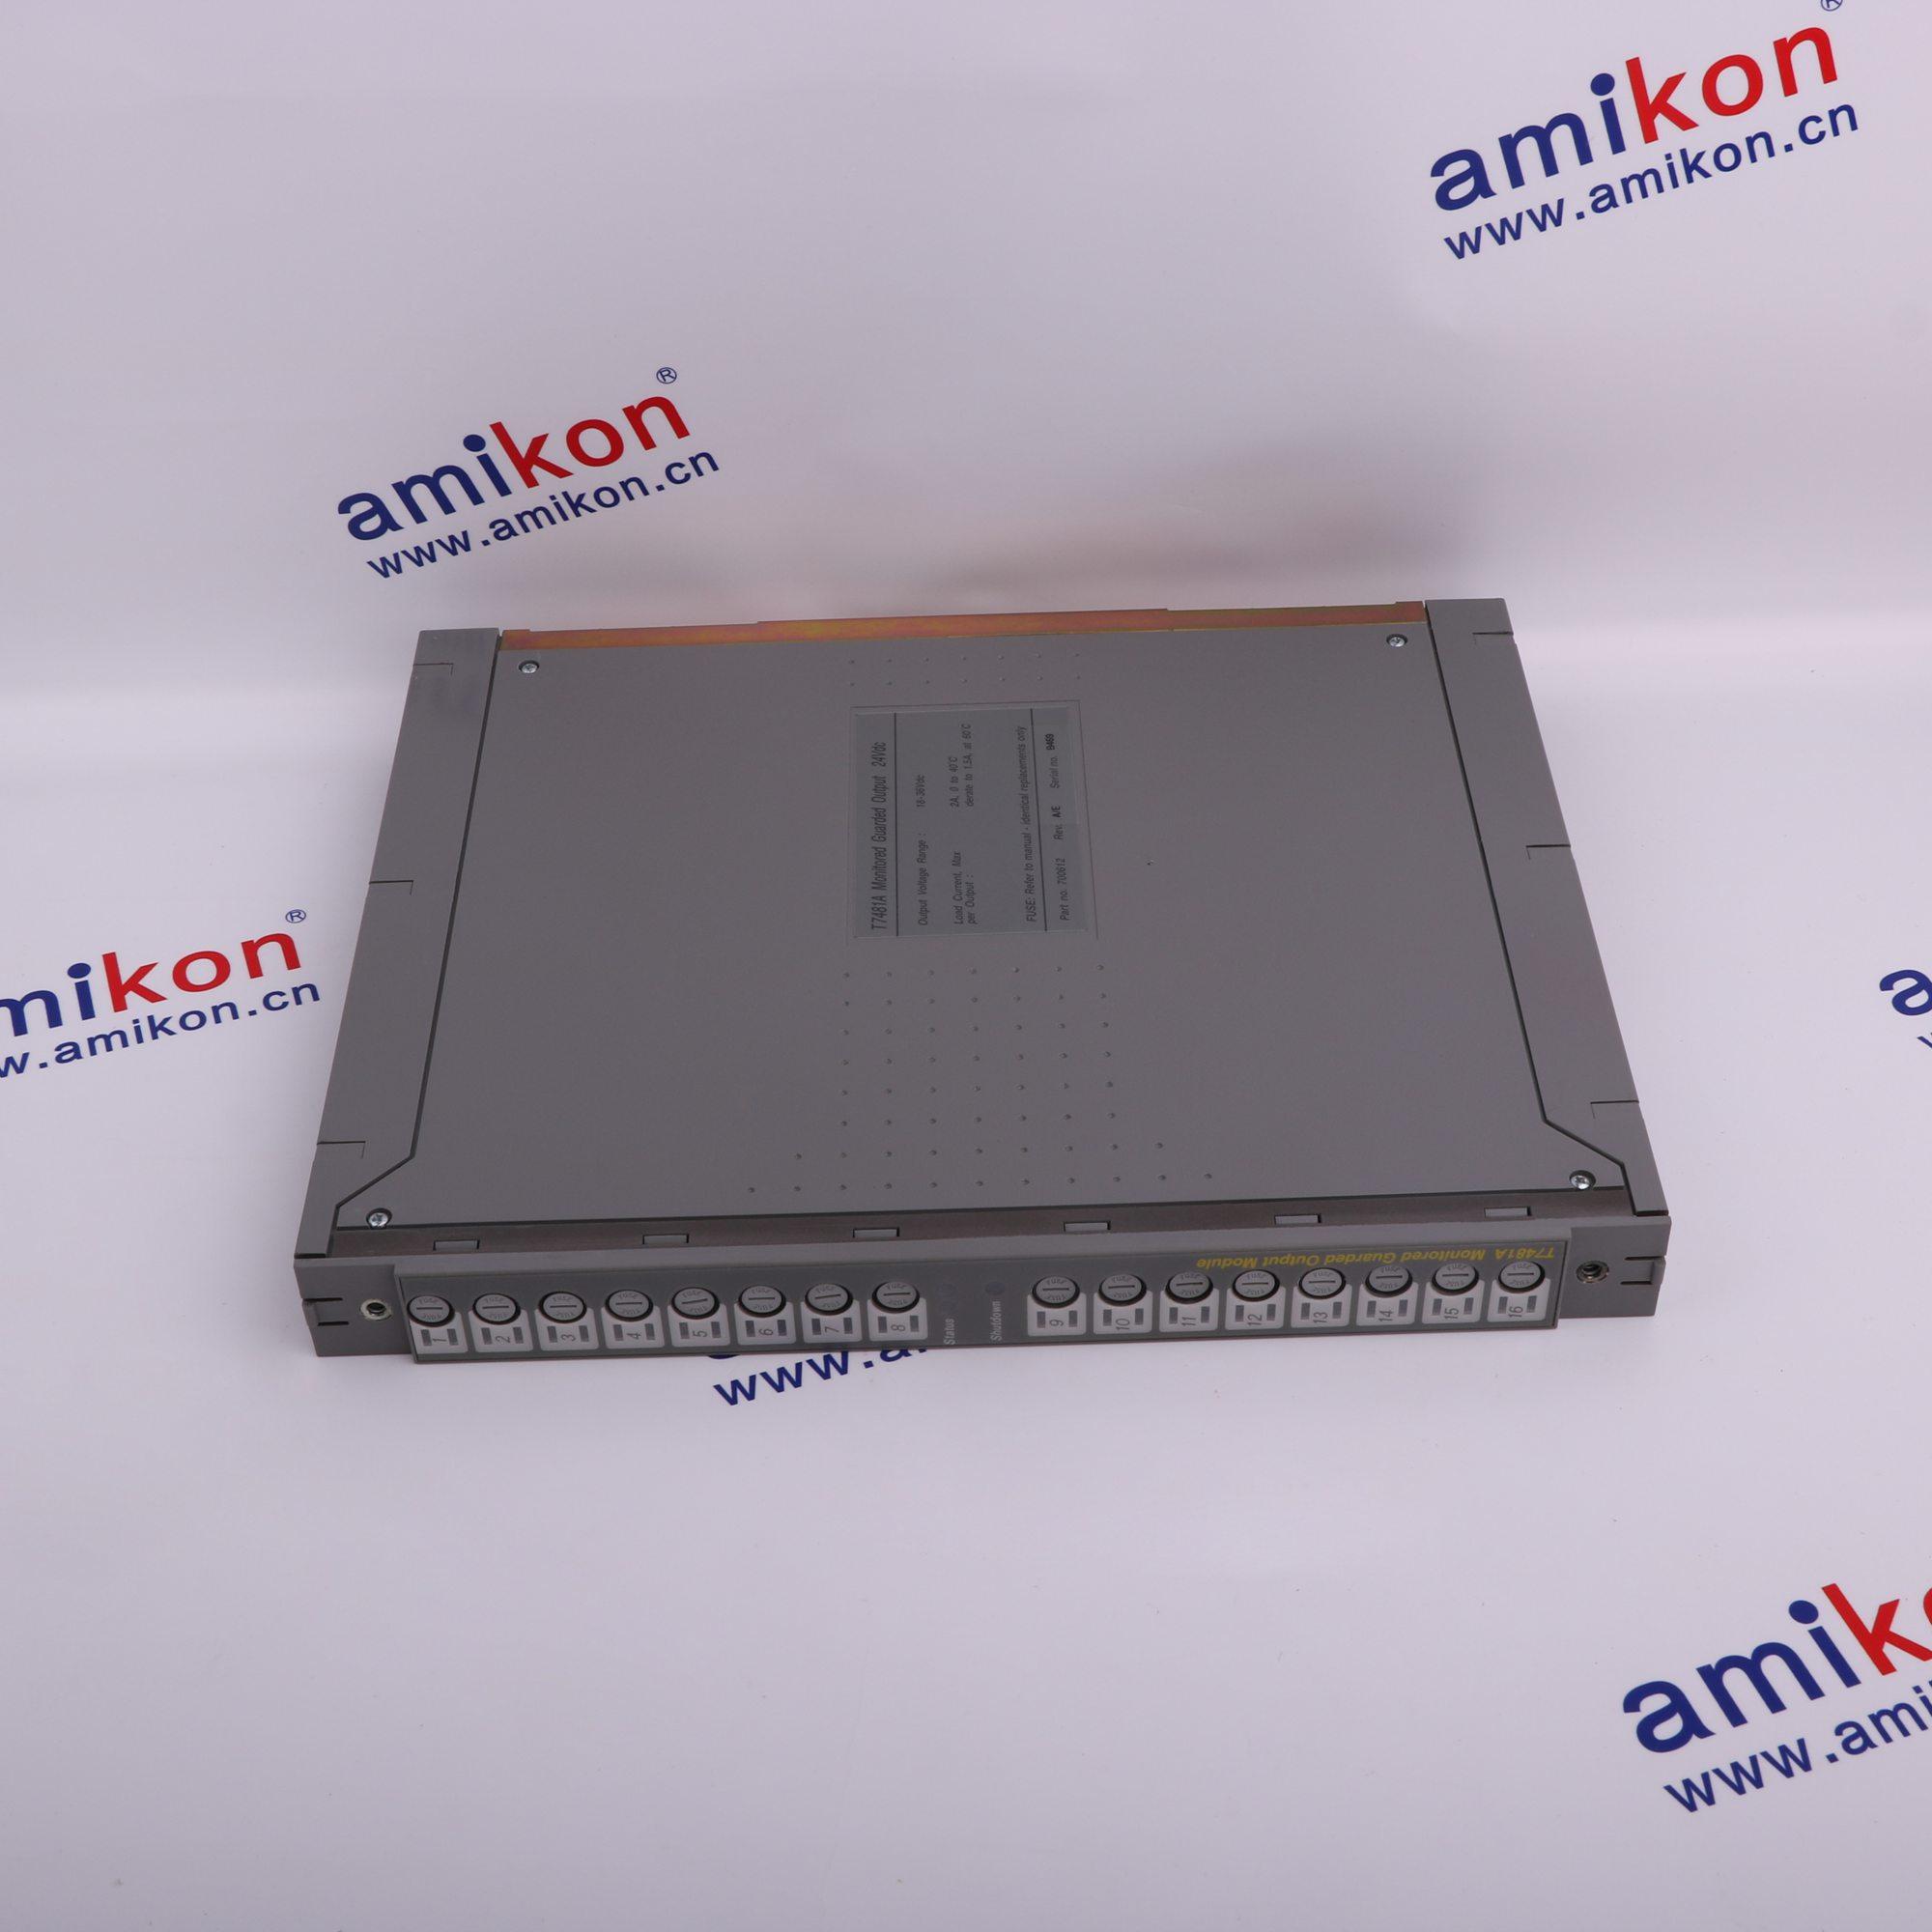 T8110B Trusted TMR Processor